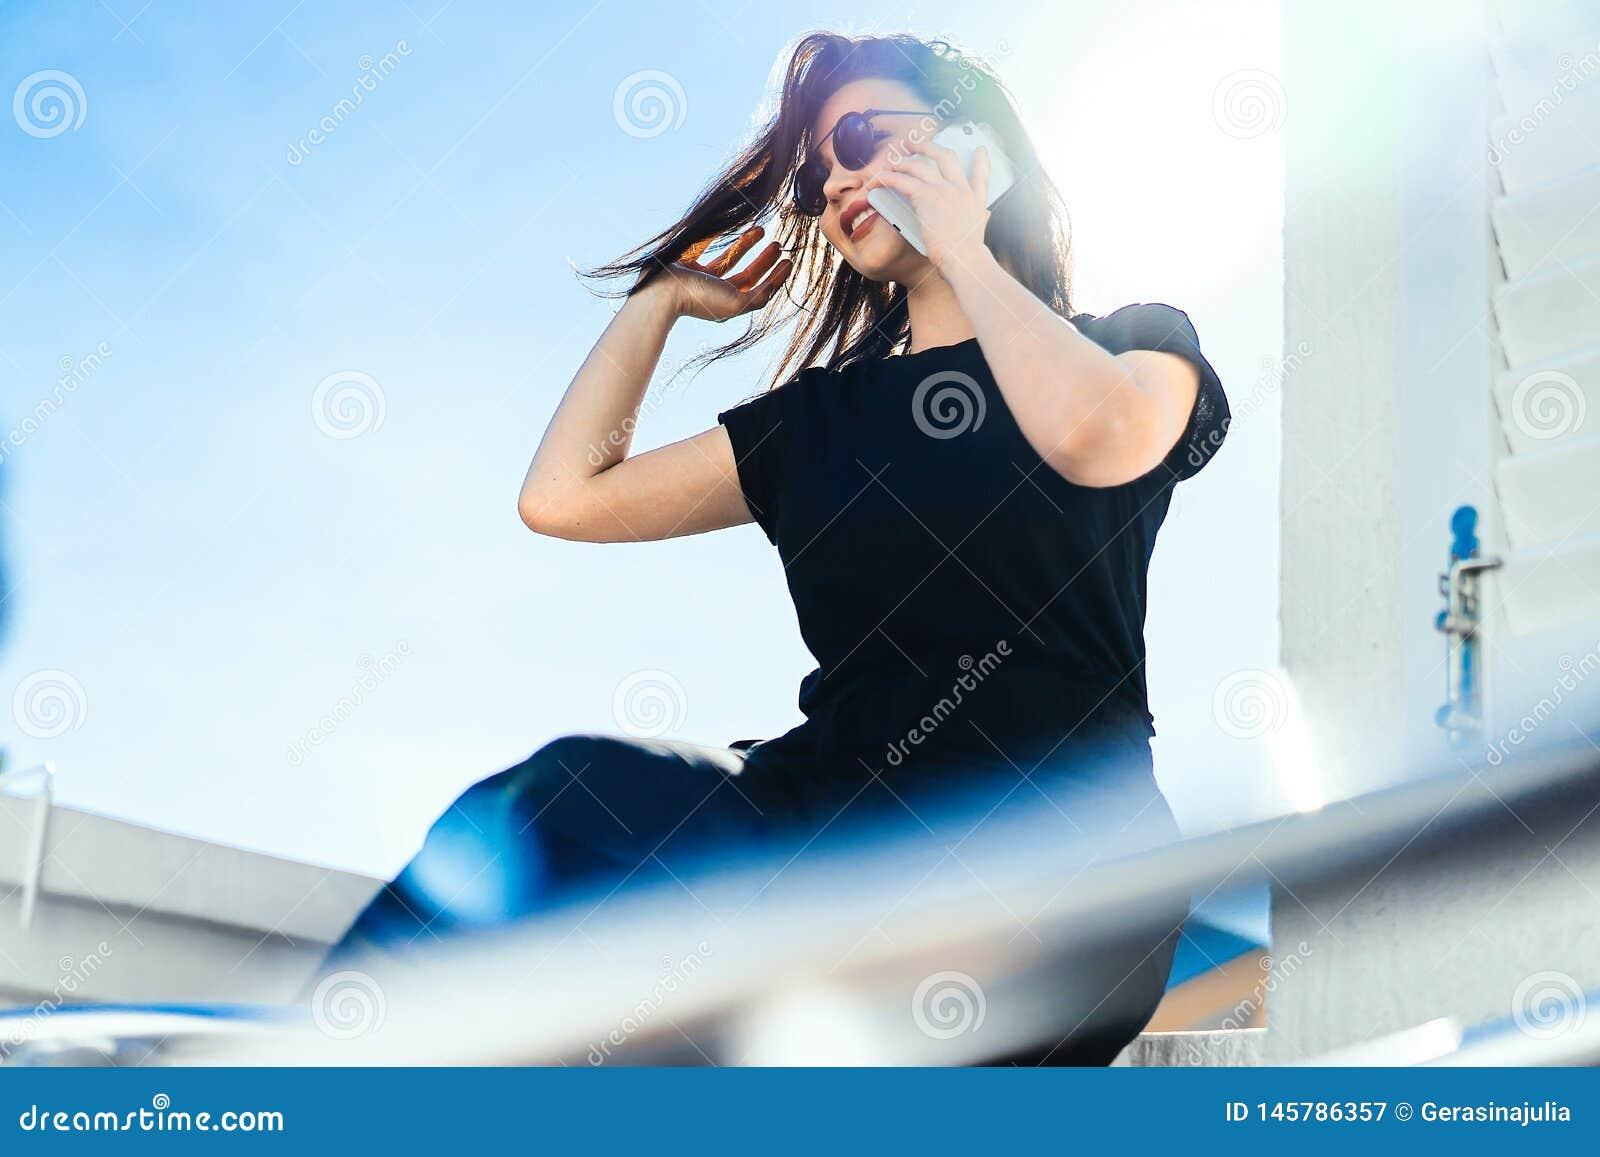 Μοντέρνη νέα συνεδρίαση γυναικών υπαίθρια στο μπαλκόνι και ομιλία με κινητό τηλέφωνο